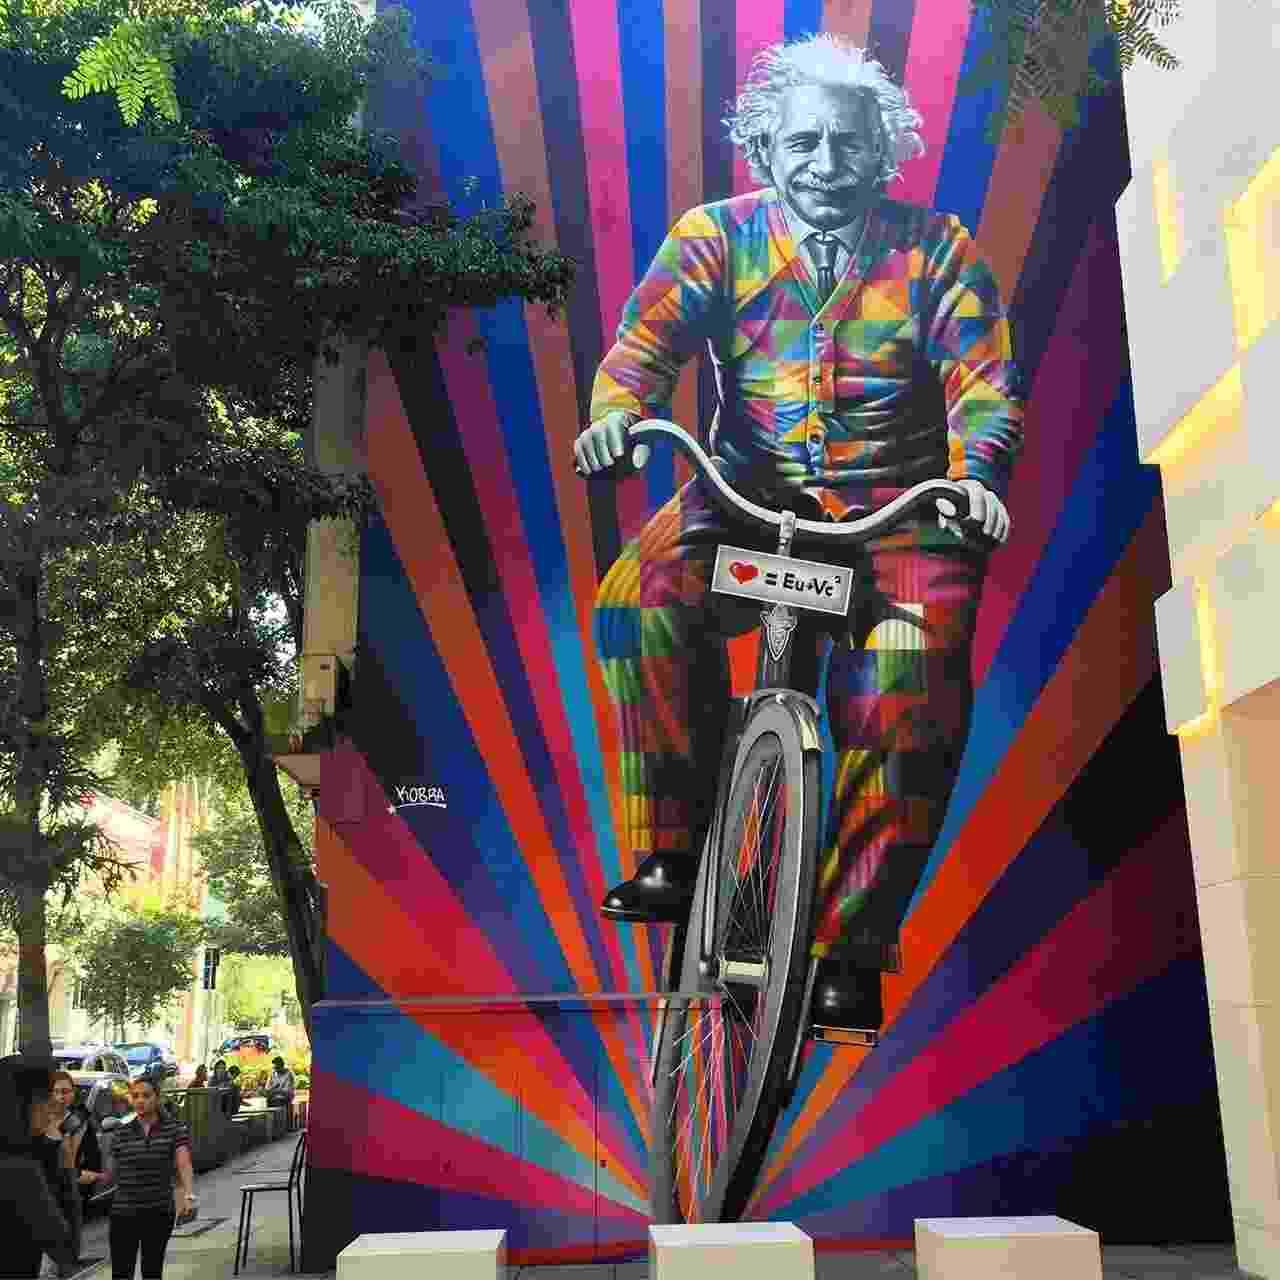 """O mais novo mural grafitado pelo artista paulistano Eduardo Kobra, inaugurado em maio na Rua Oscar Freire, em São Paulo. A obra """"Genial é Andar de Bike"""" retrata o físico alemão Albert Einstein (1879-1955) em cima de uma bicicleta e faz uma versão da famosa teoria da relatividade, E=mc², que virou <3 = Eu+Vc² - Arquivo Pessoal"""